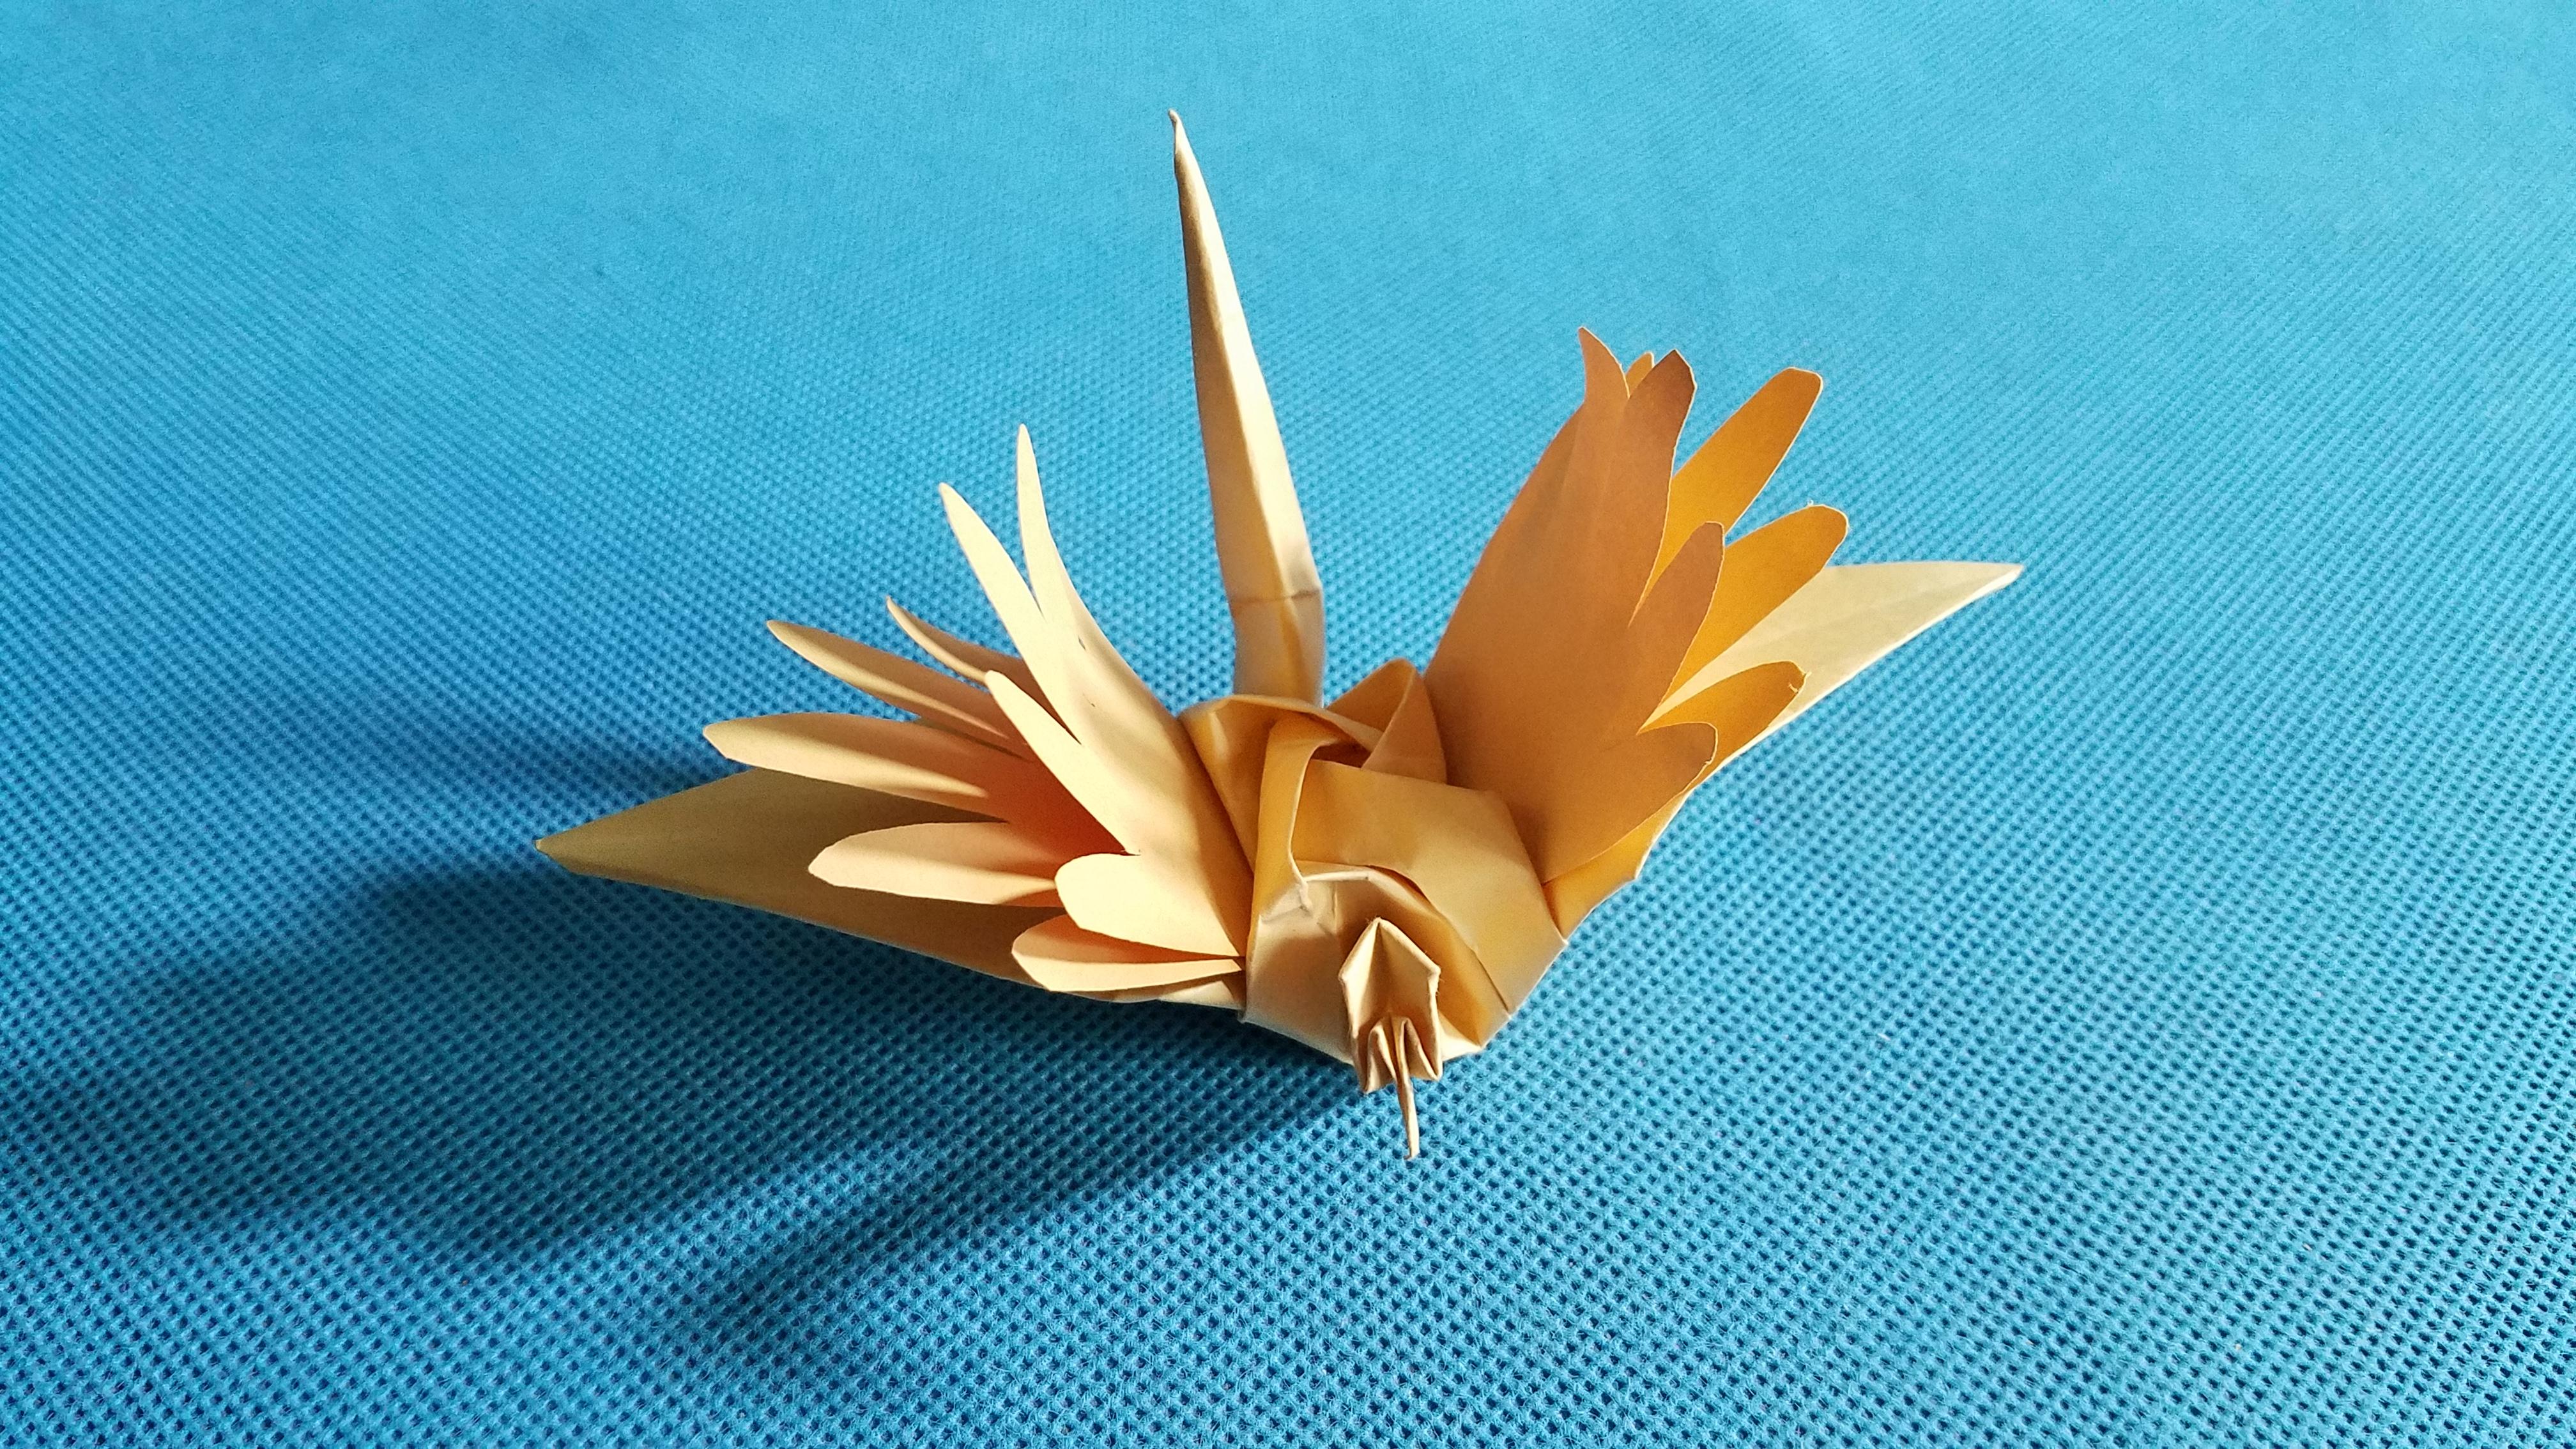 折纸择天记寻风鹤的折法 玫瑰寻风鹤怎么折